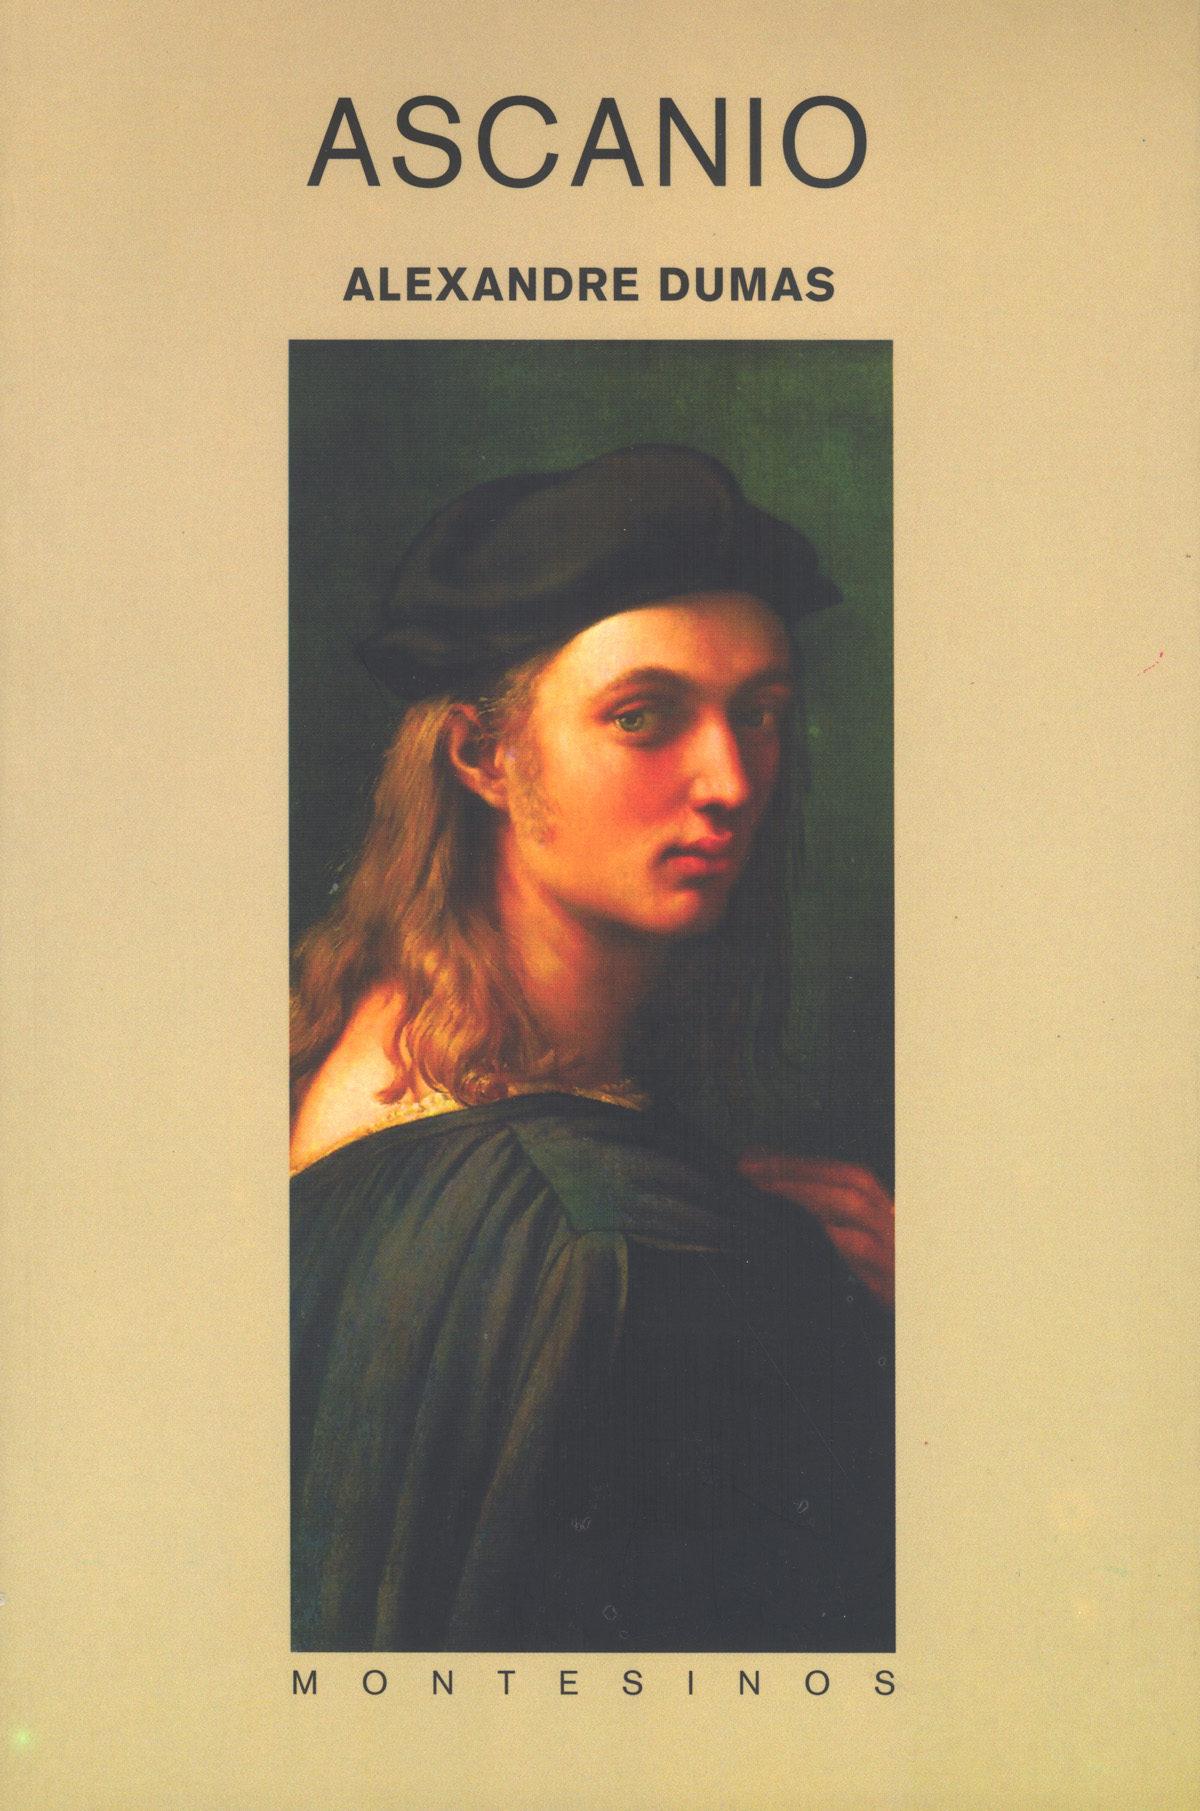 Ascanio (montesinos) por Alexandre Dumas